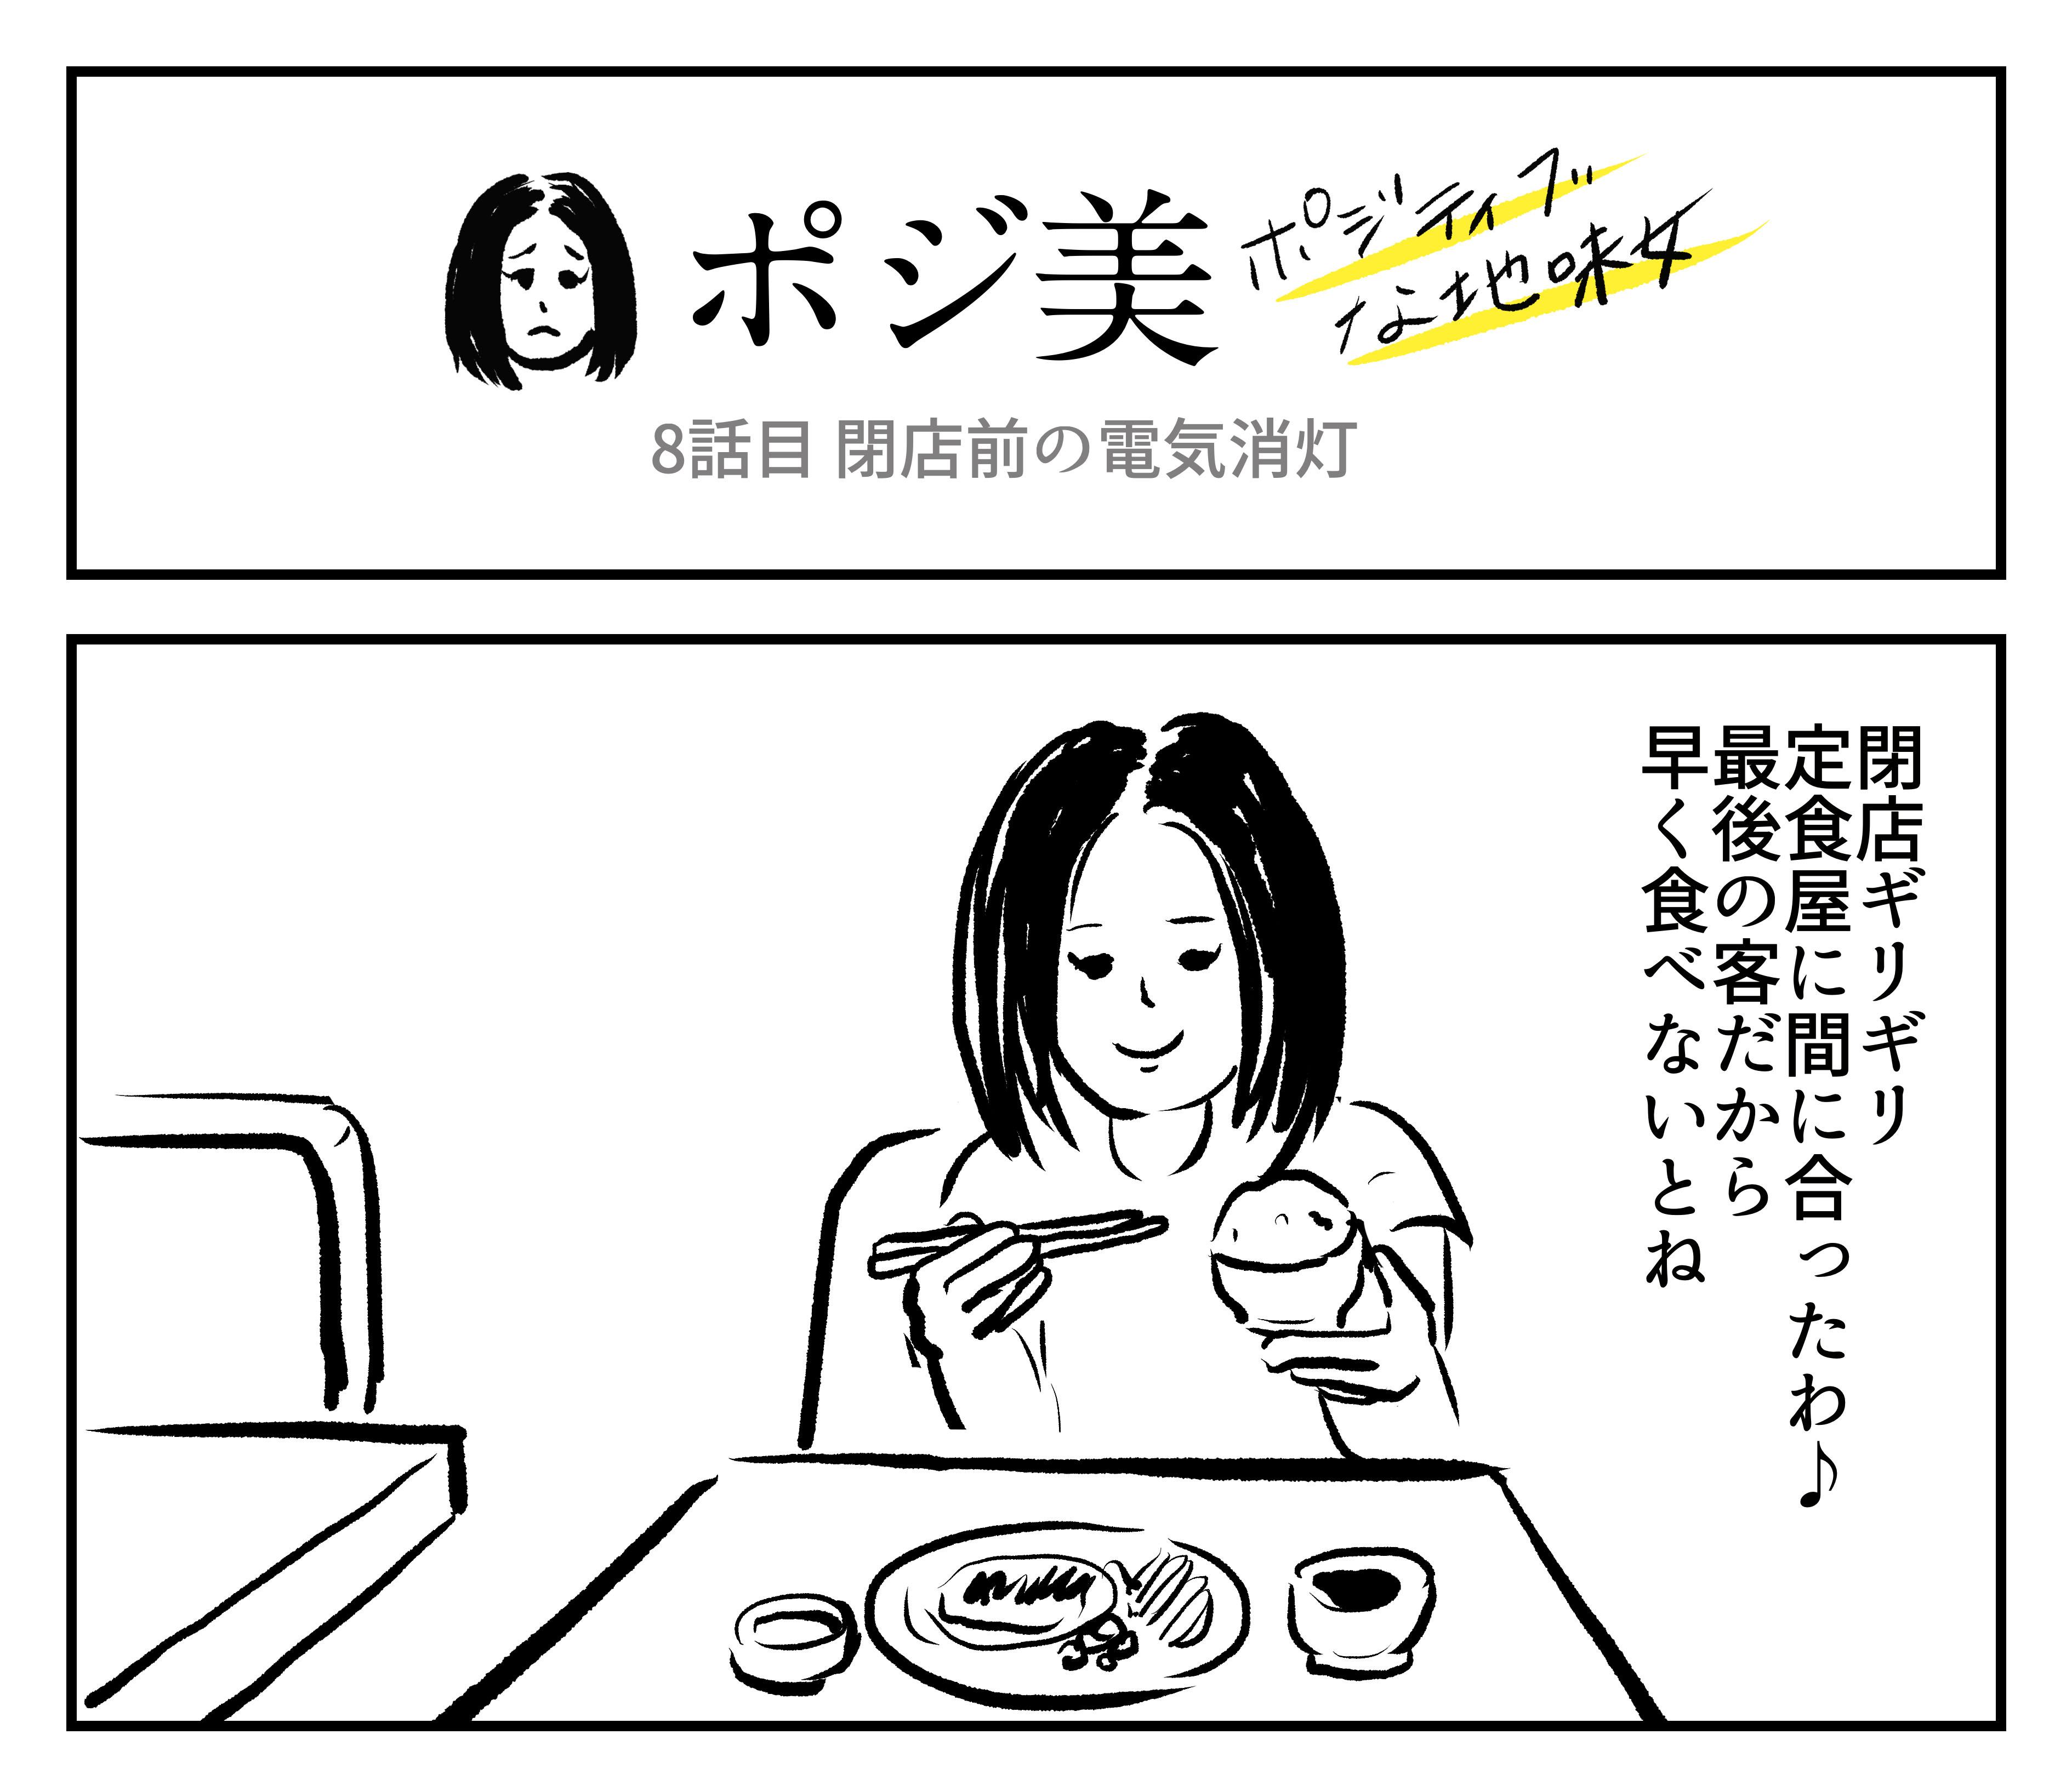 【2コマ】ポジ美 8話目「閉店前の電気消灯」